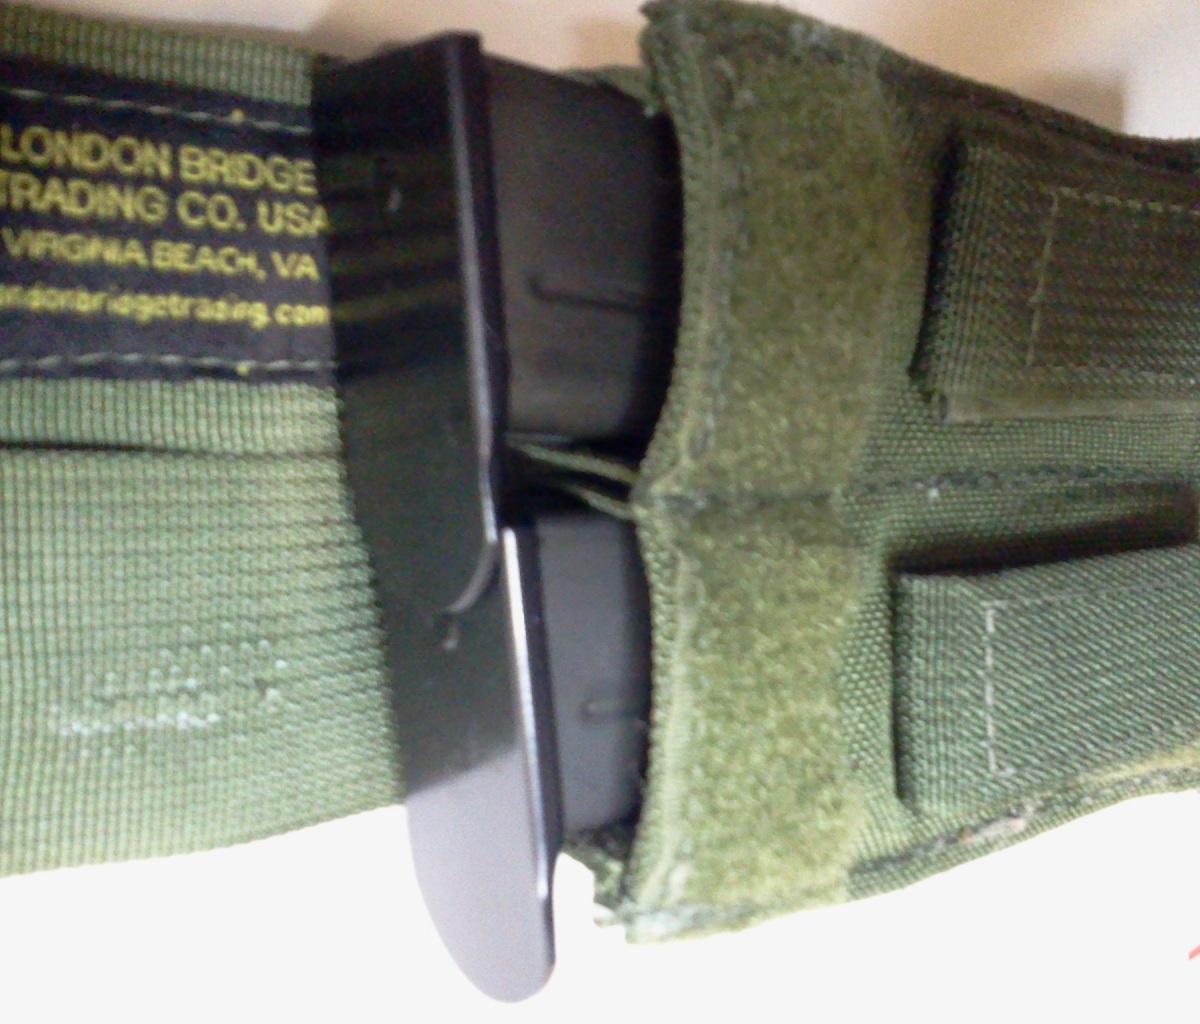 London Bridge Trading Co LTD MAS Grey H&K 416 417 MP7 MK24 HK45CT Operator Kit (Rare)-lbt_p7m13_1.jpg